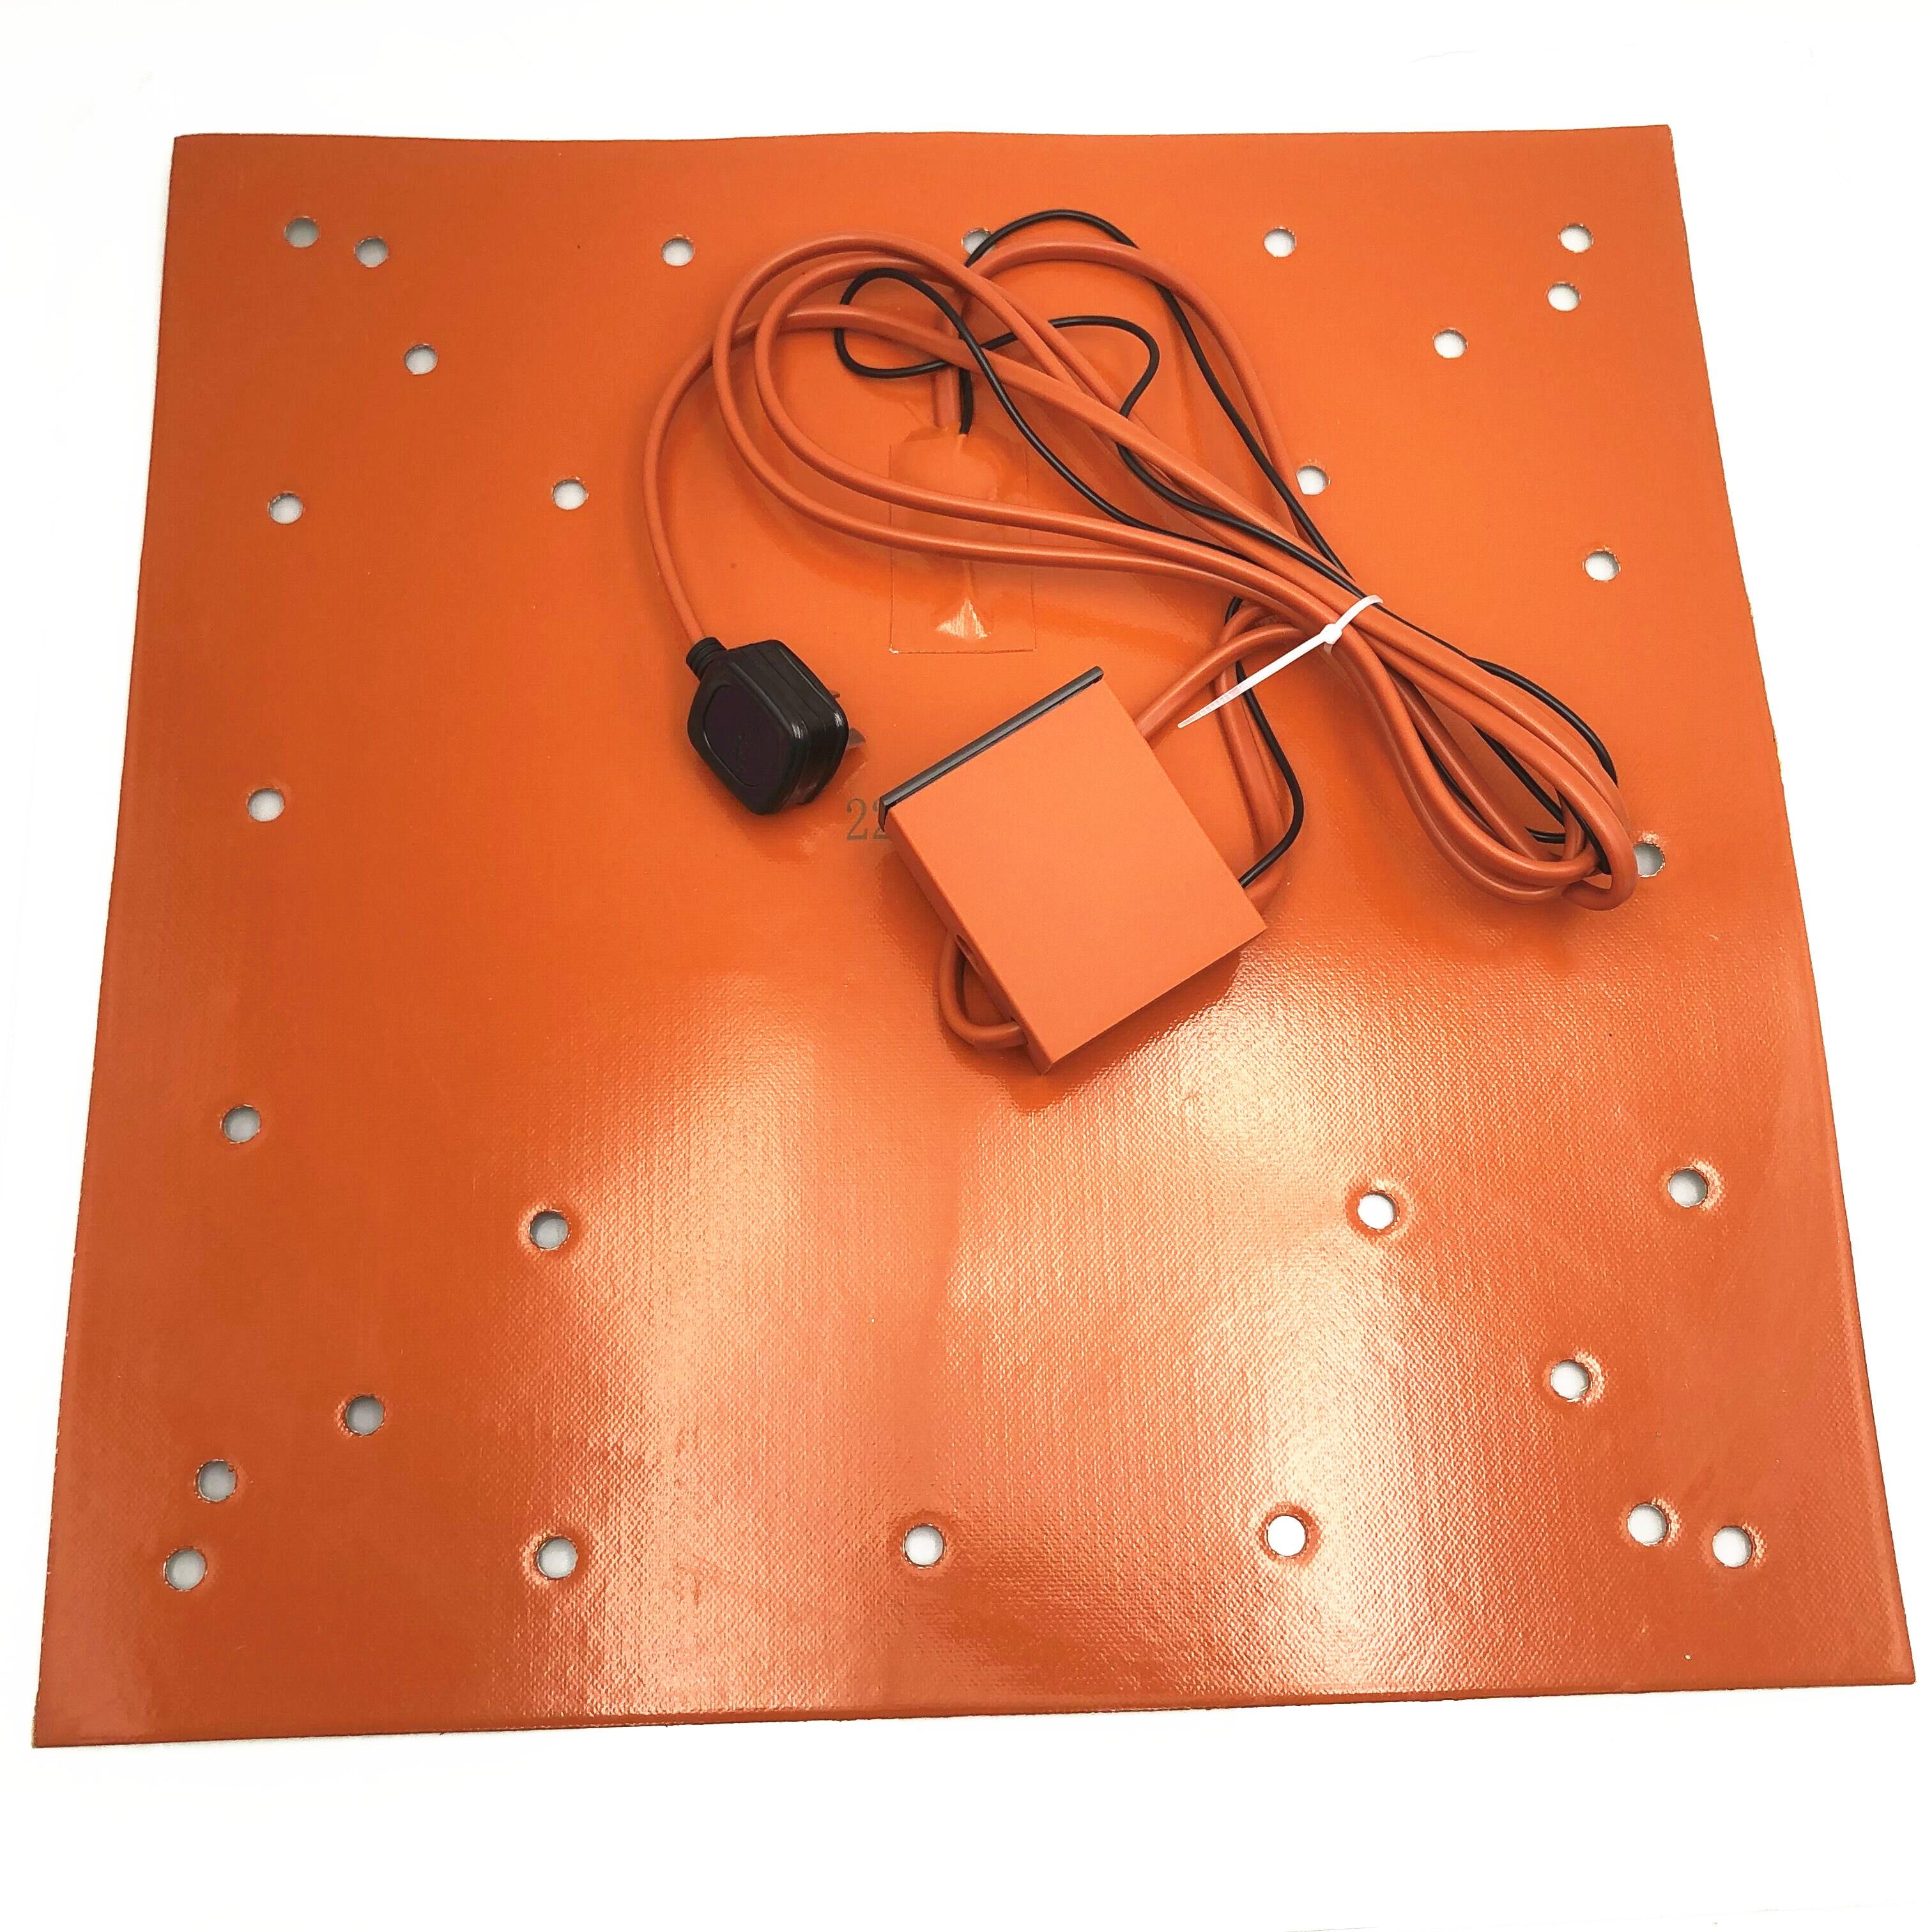 1 قطعة 508X508mm السيليكون ساخنة سادة السرير مع الرقمية تحكم ل Creality CR-10S5 سلسلة اسمحوا ساخنة السرير يصل إلى 100C